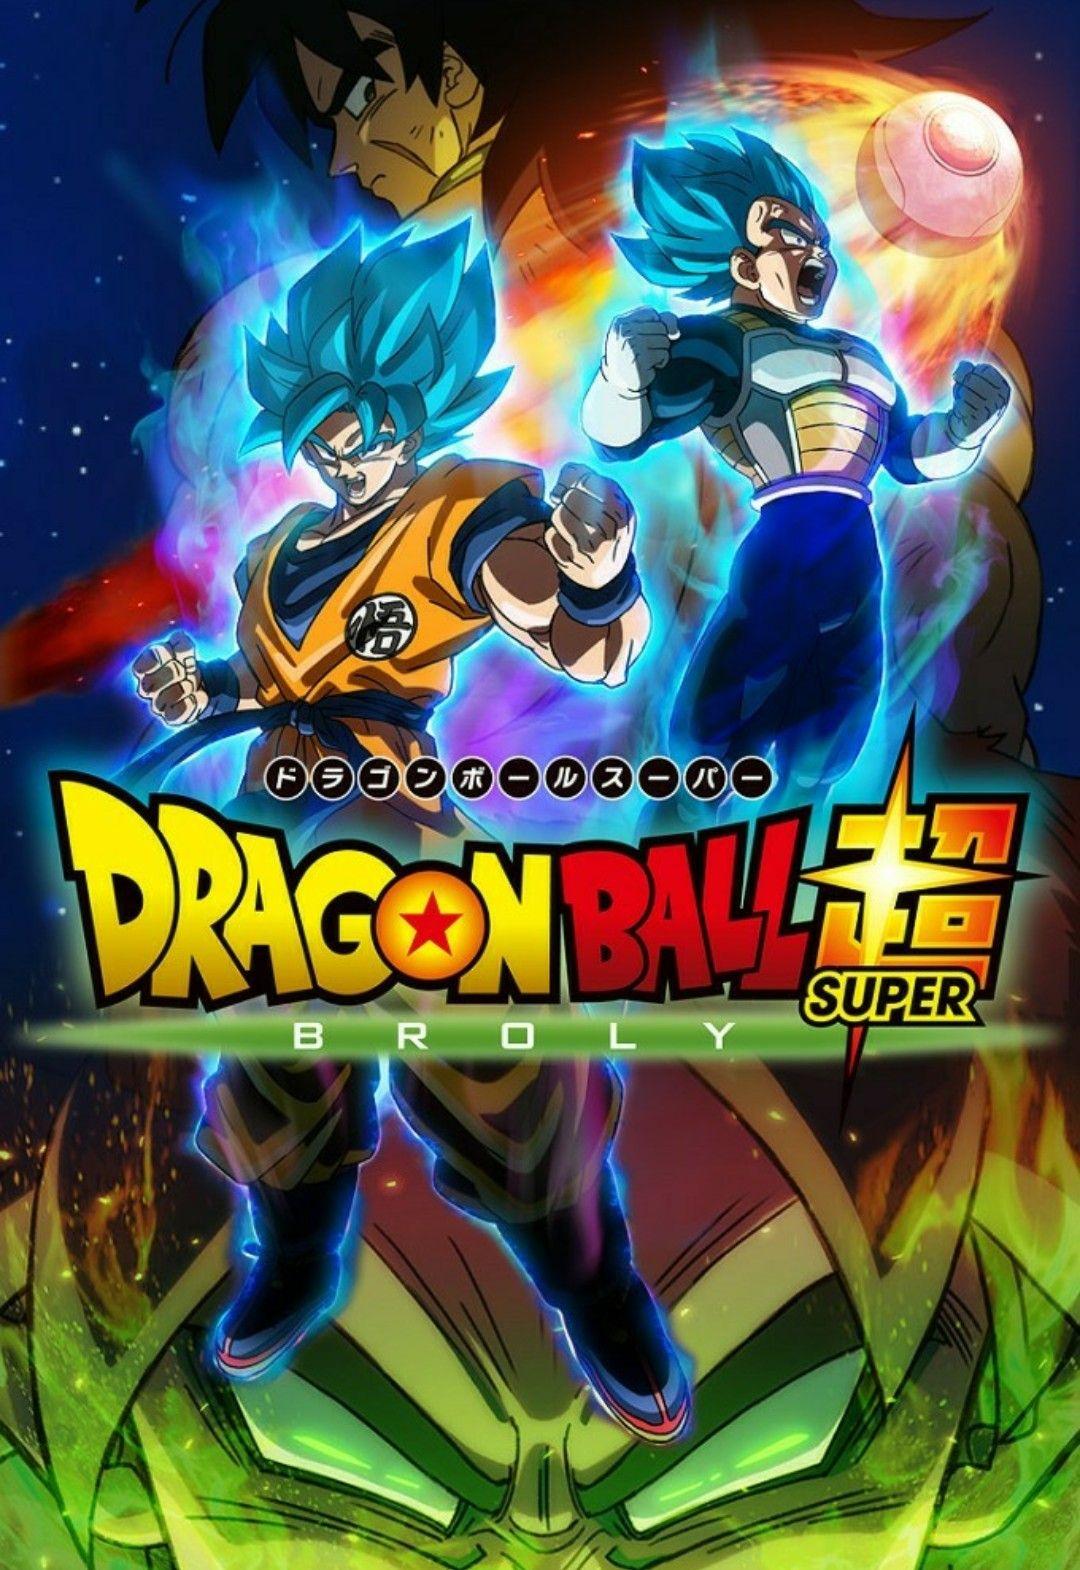 Dragon Ball Super 2015 Com Imagens Dragon Ball Z Filmes